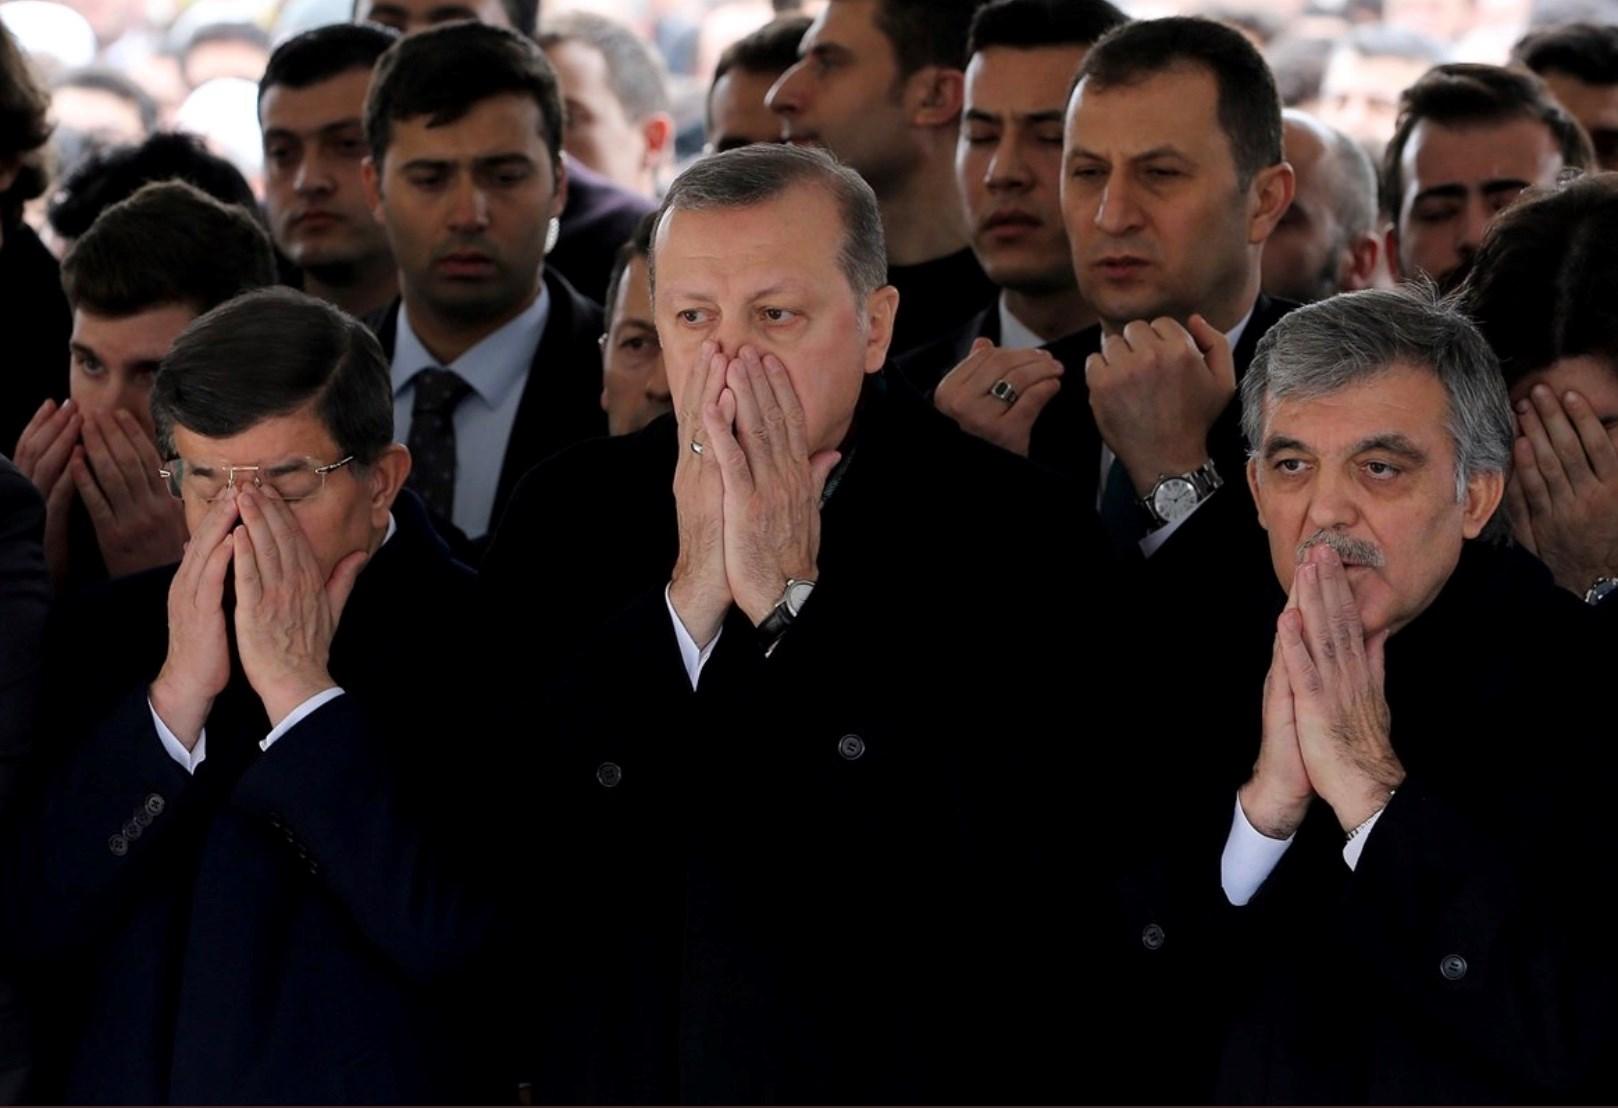 بعد انتكاساته في إدلب.. إردوغان يواجه أعداءه في الداخل